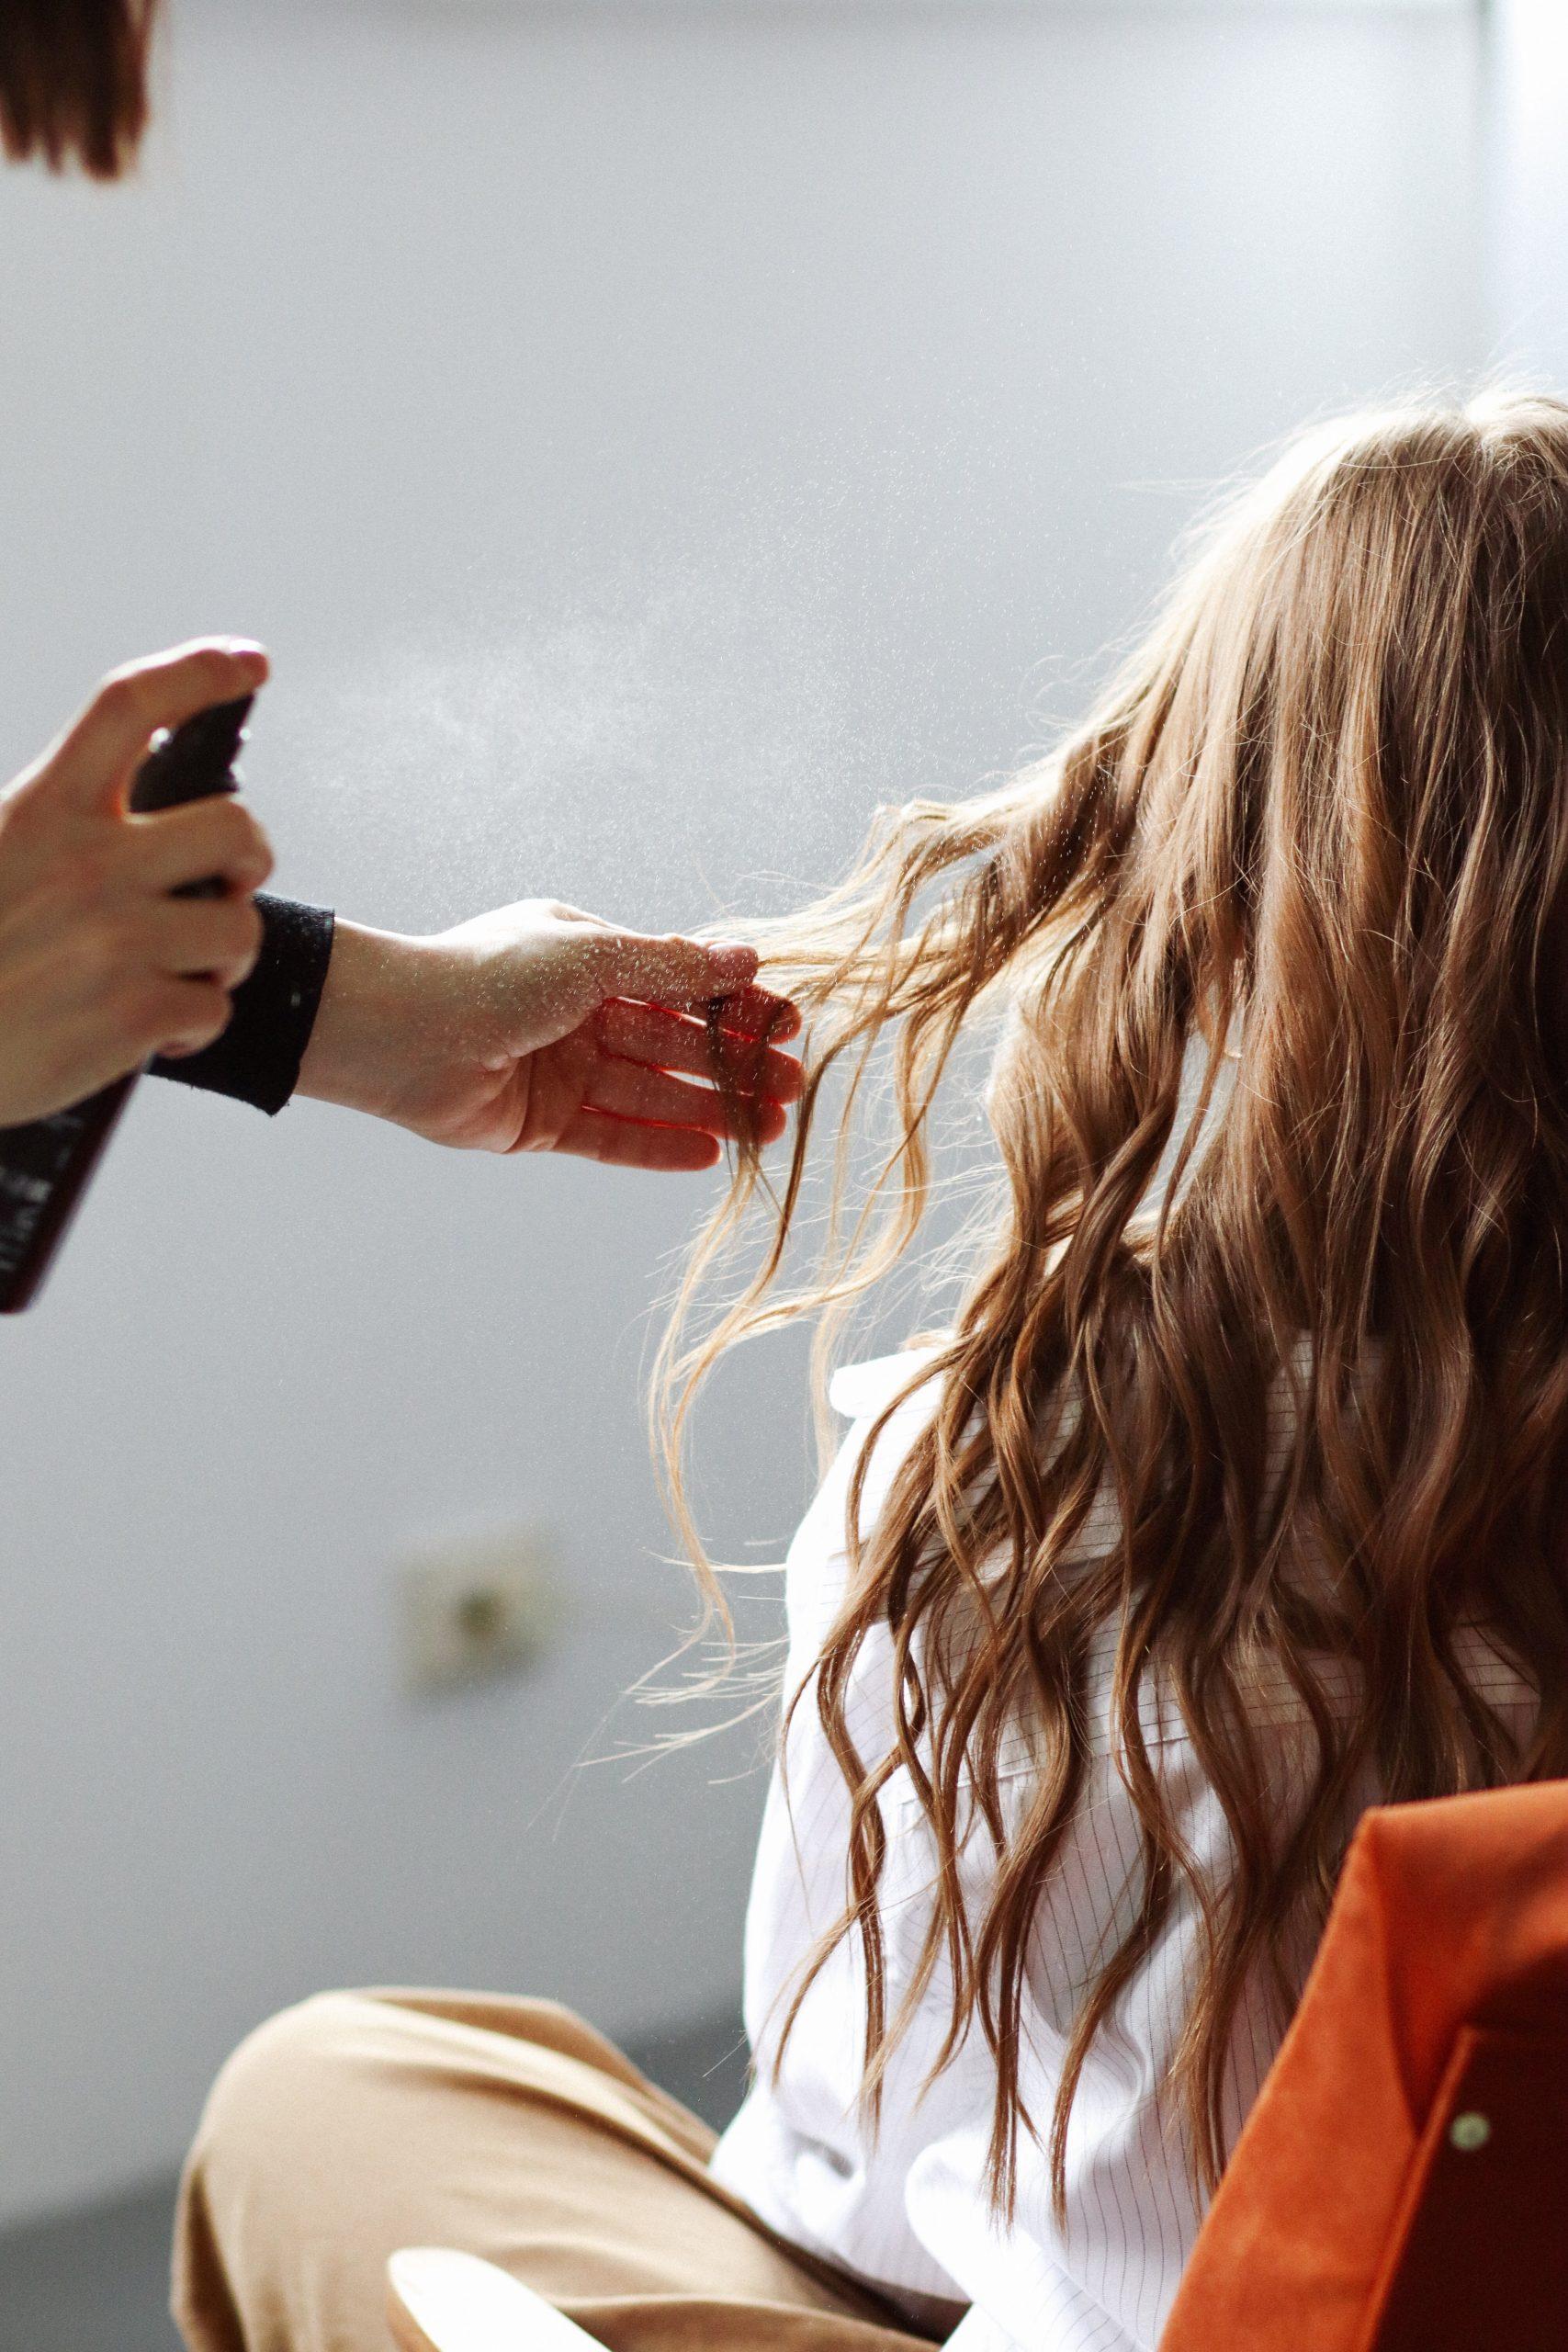 chăm sóc tóc nhuộm màu nâu rêu với toner